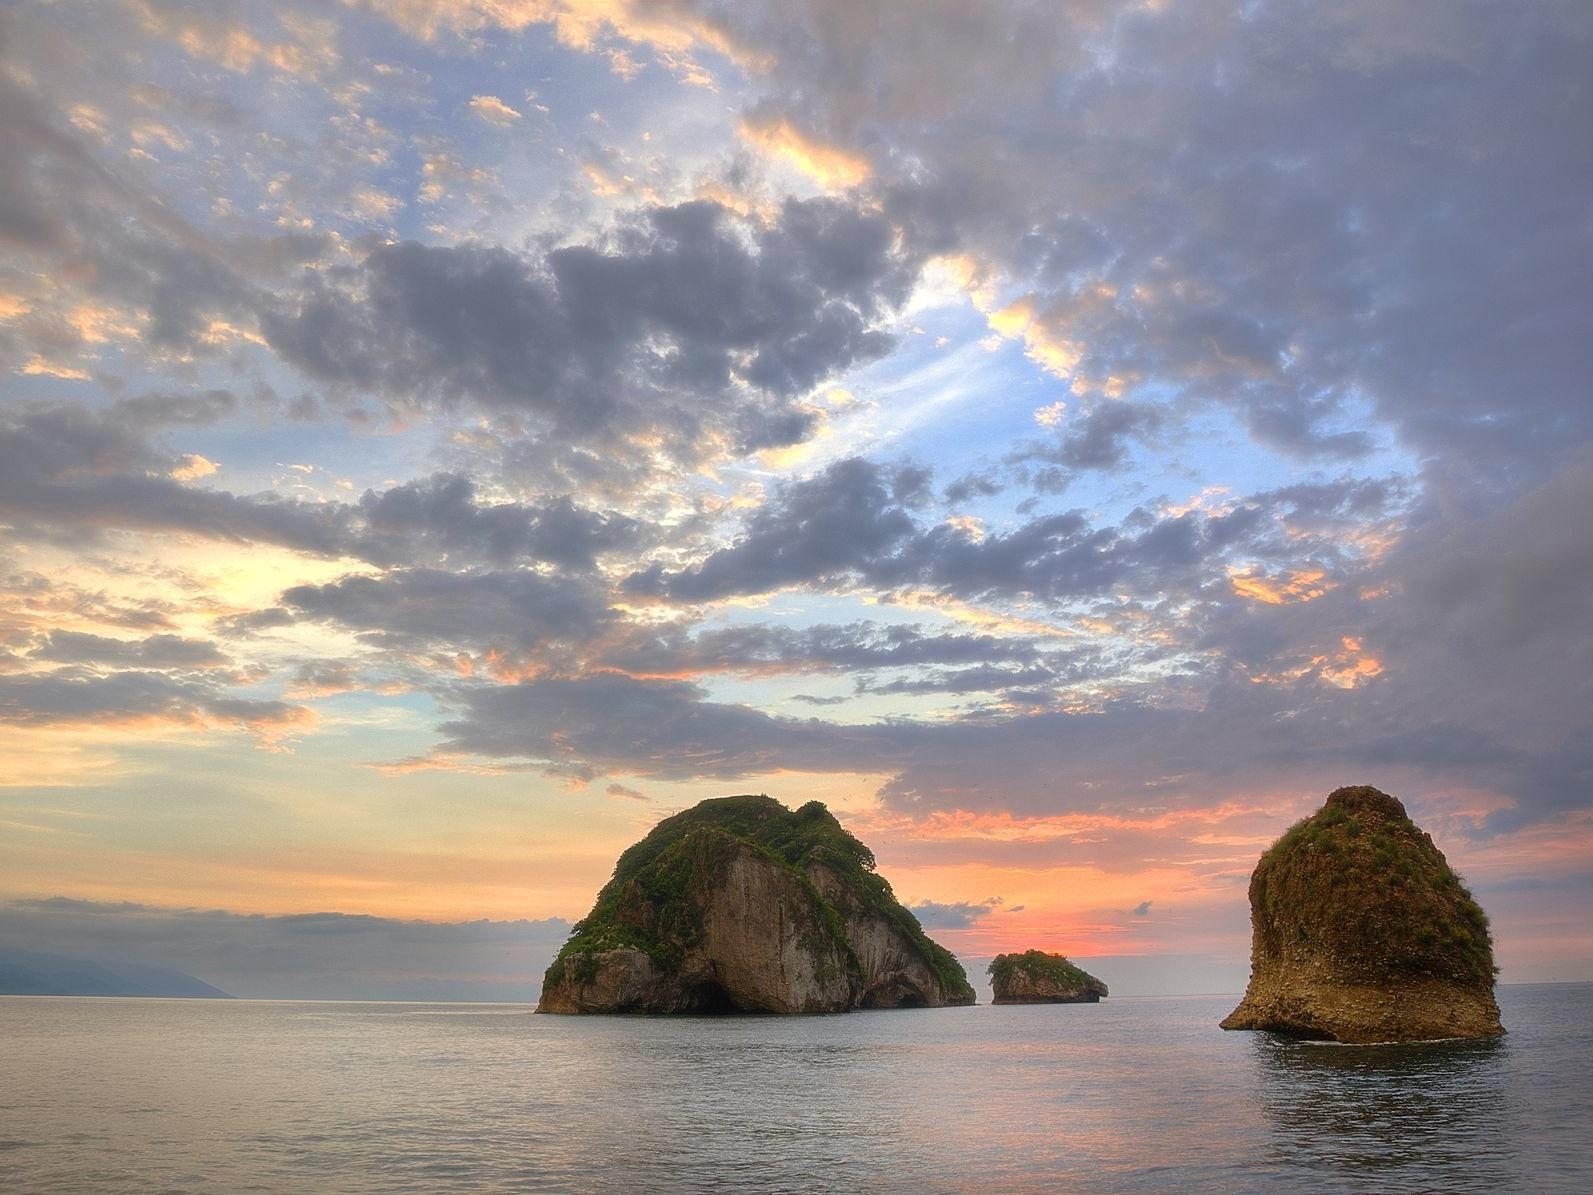 large rocks in the ocean